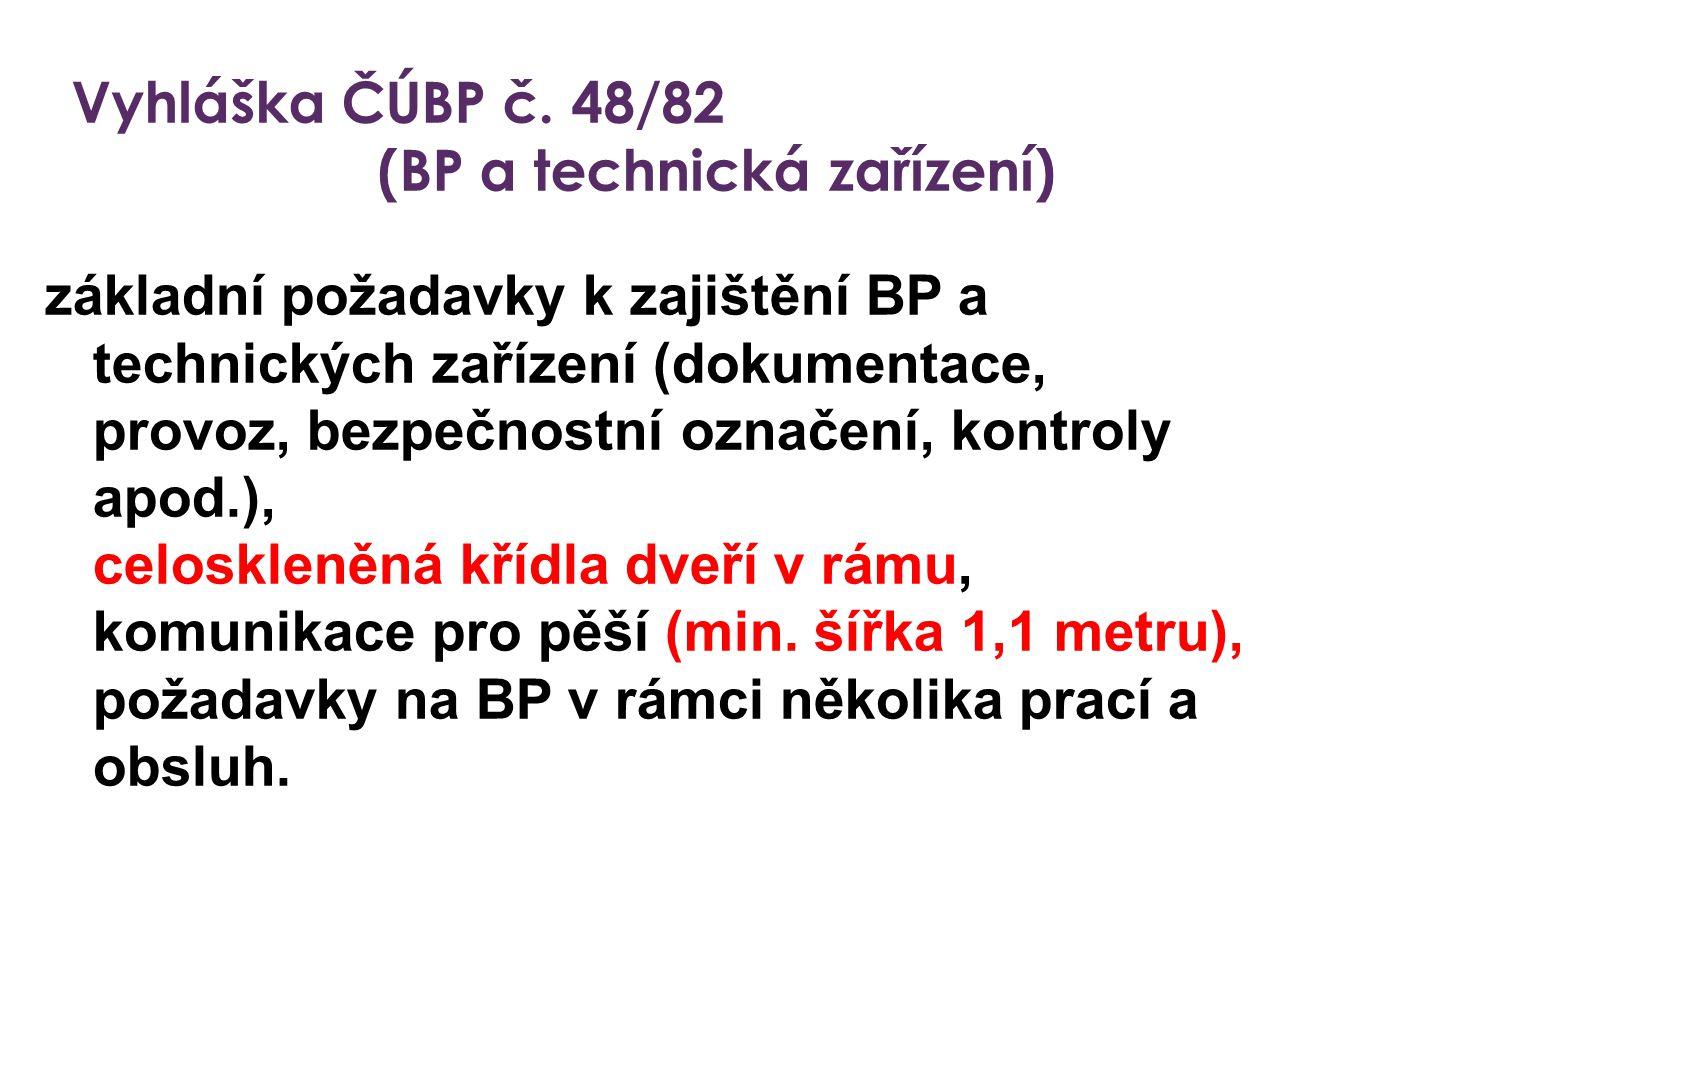 (BP a technická zařízení)